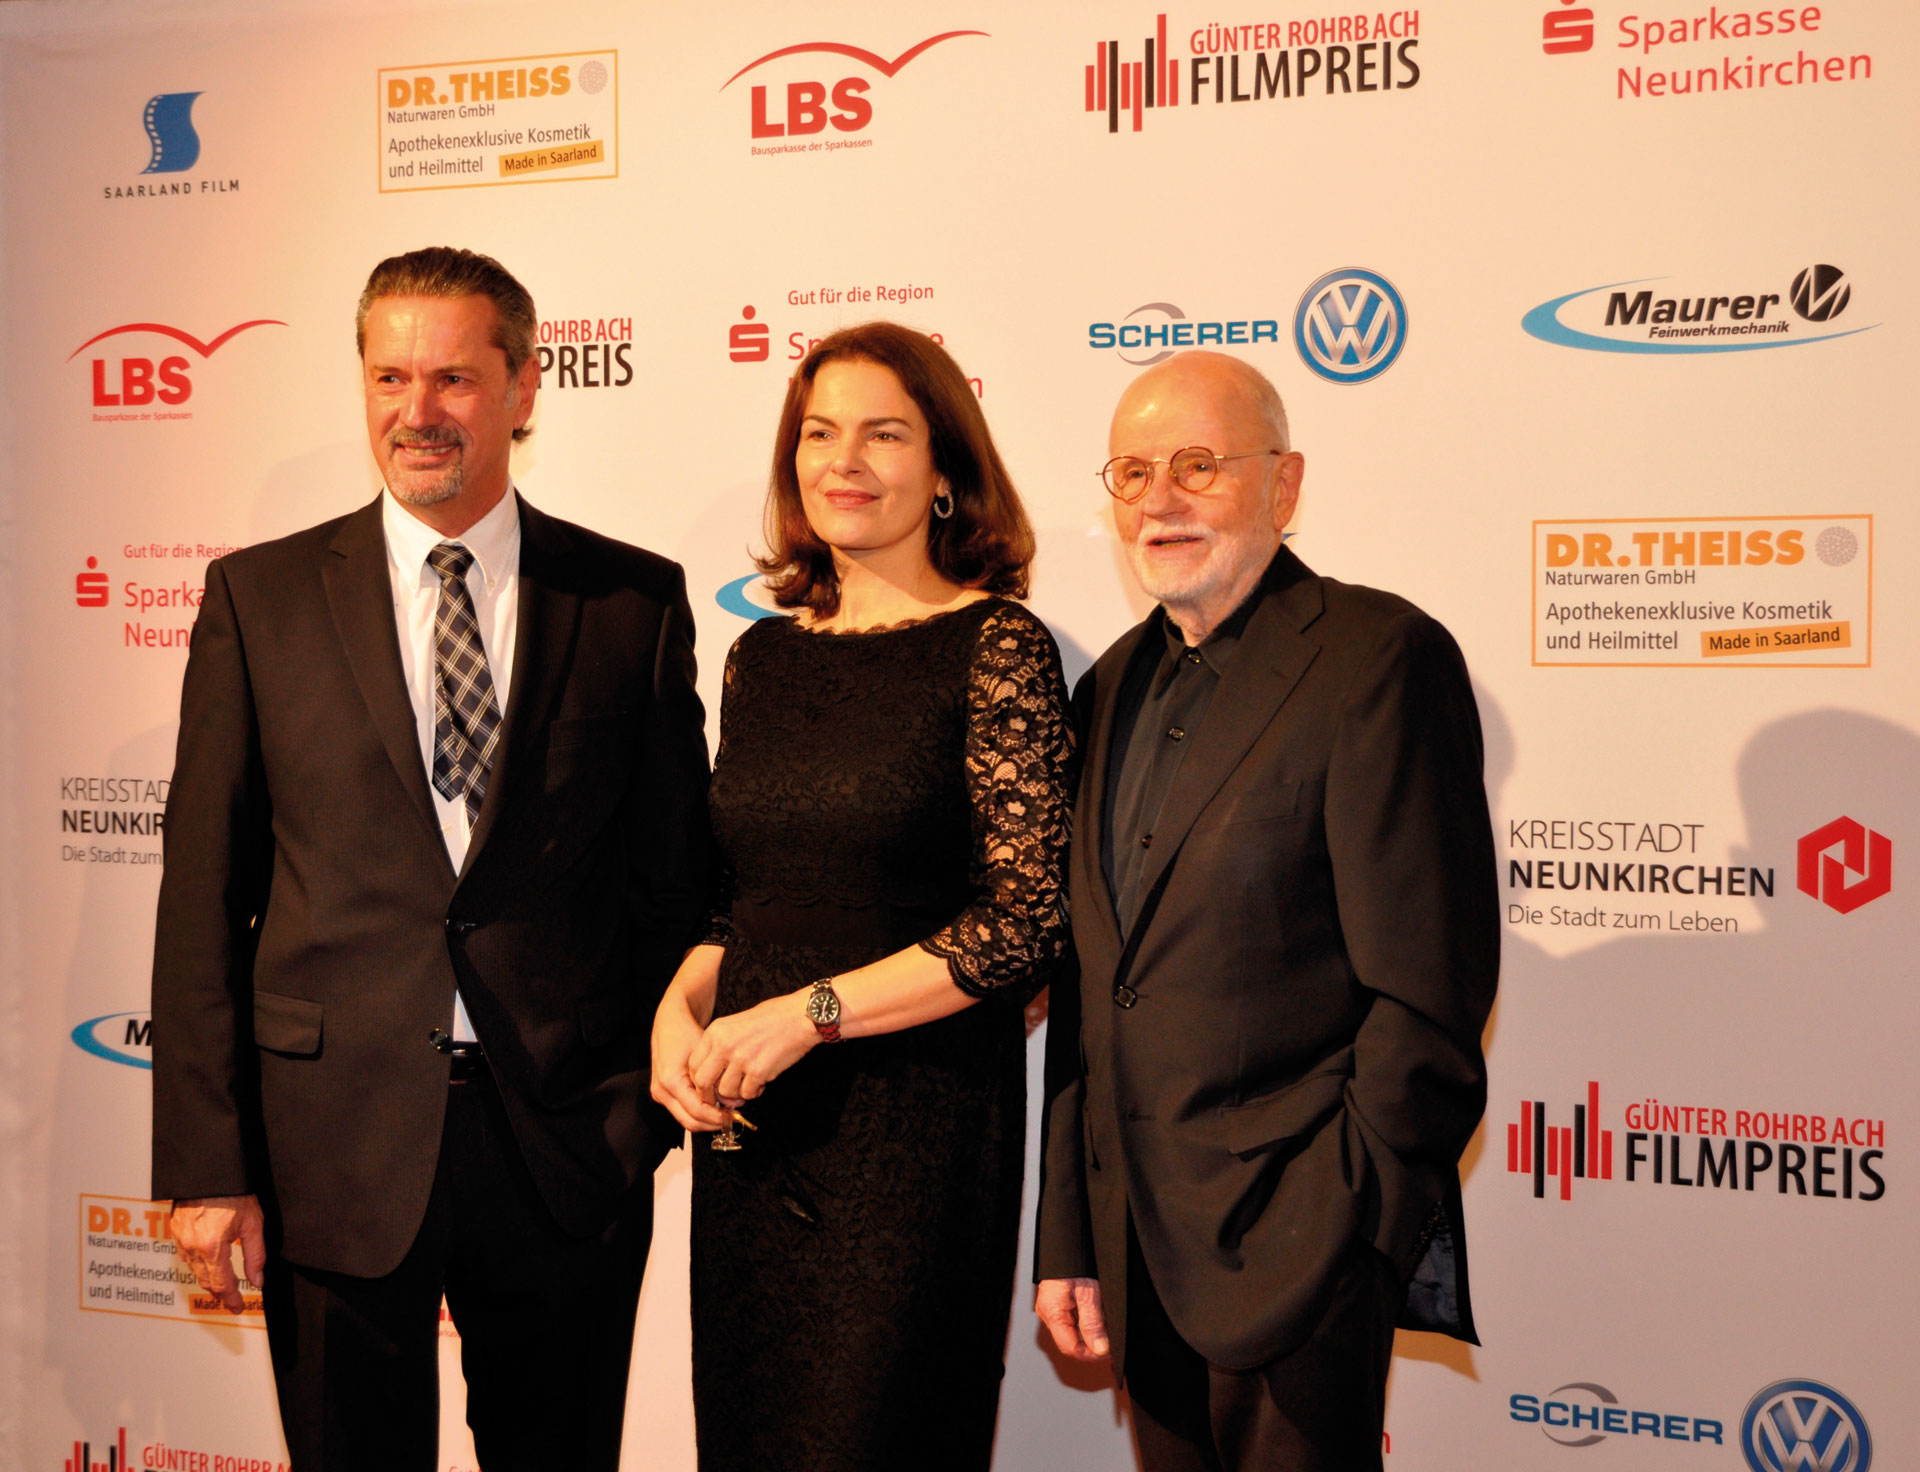 Über die Günter Rohrbach Filmpreis Stiftung